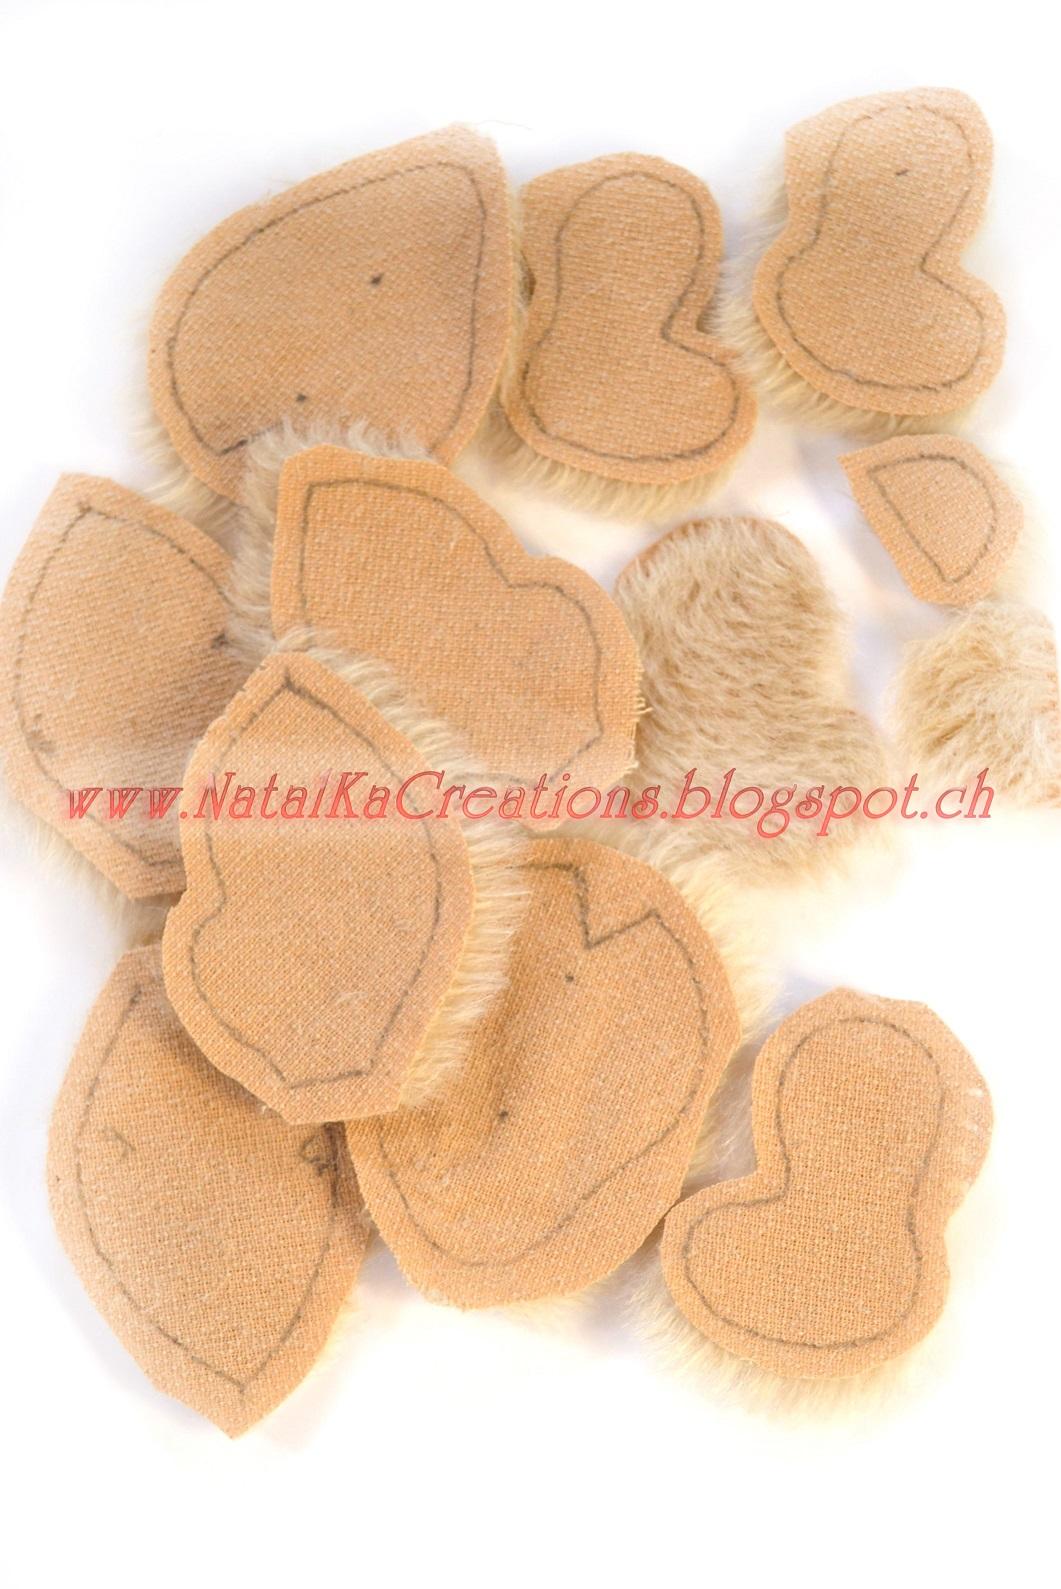 Мастер-класс по пошиву мишки тедди, как сшить мишку тедди, совместный пошив по мишке тедди